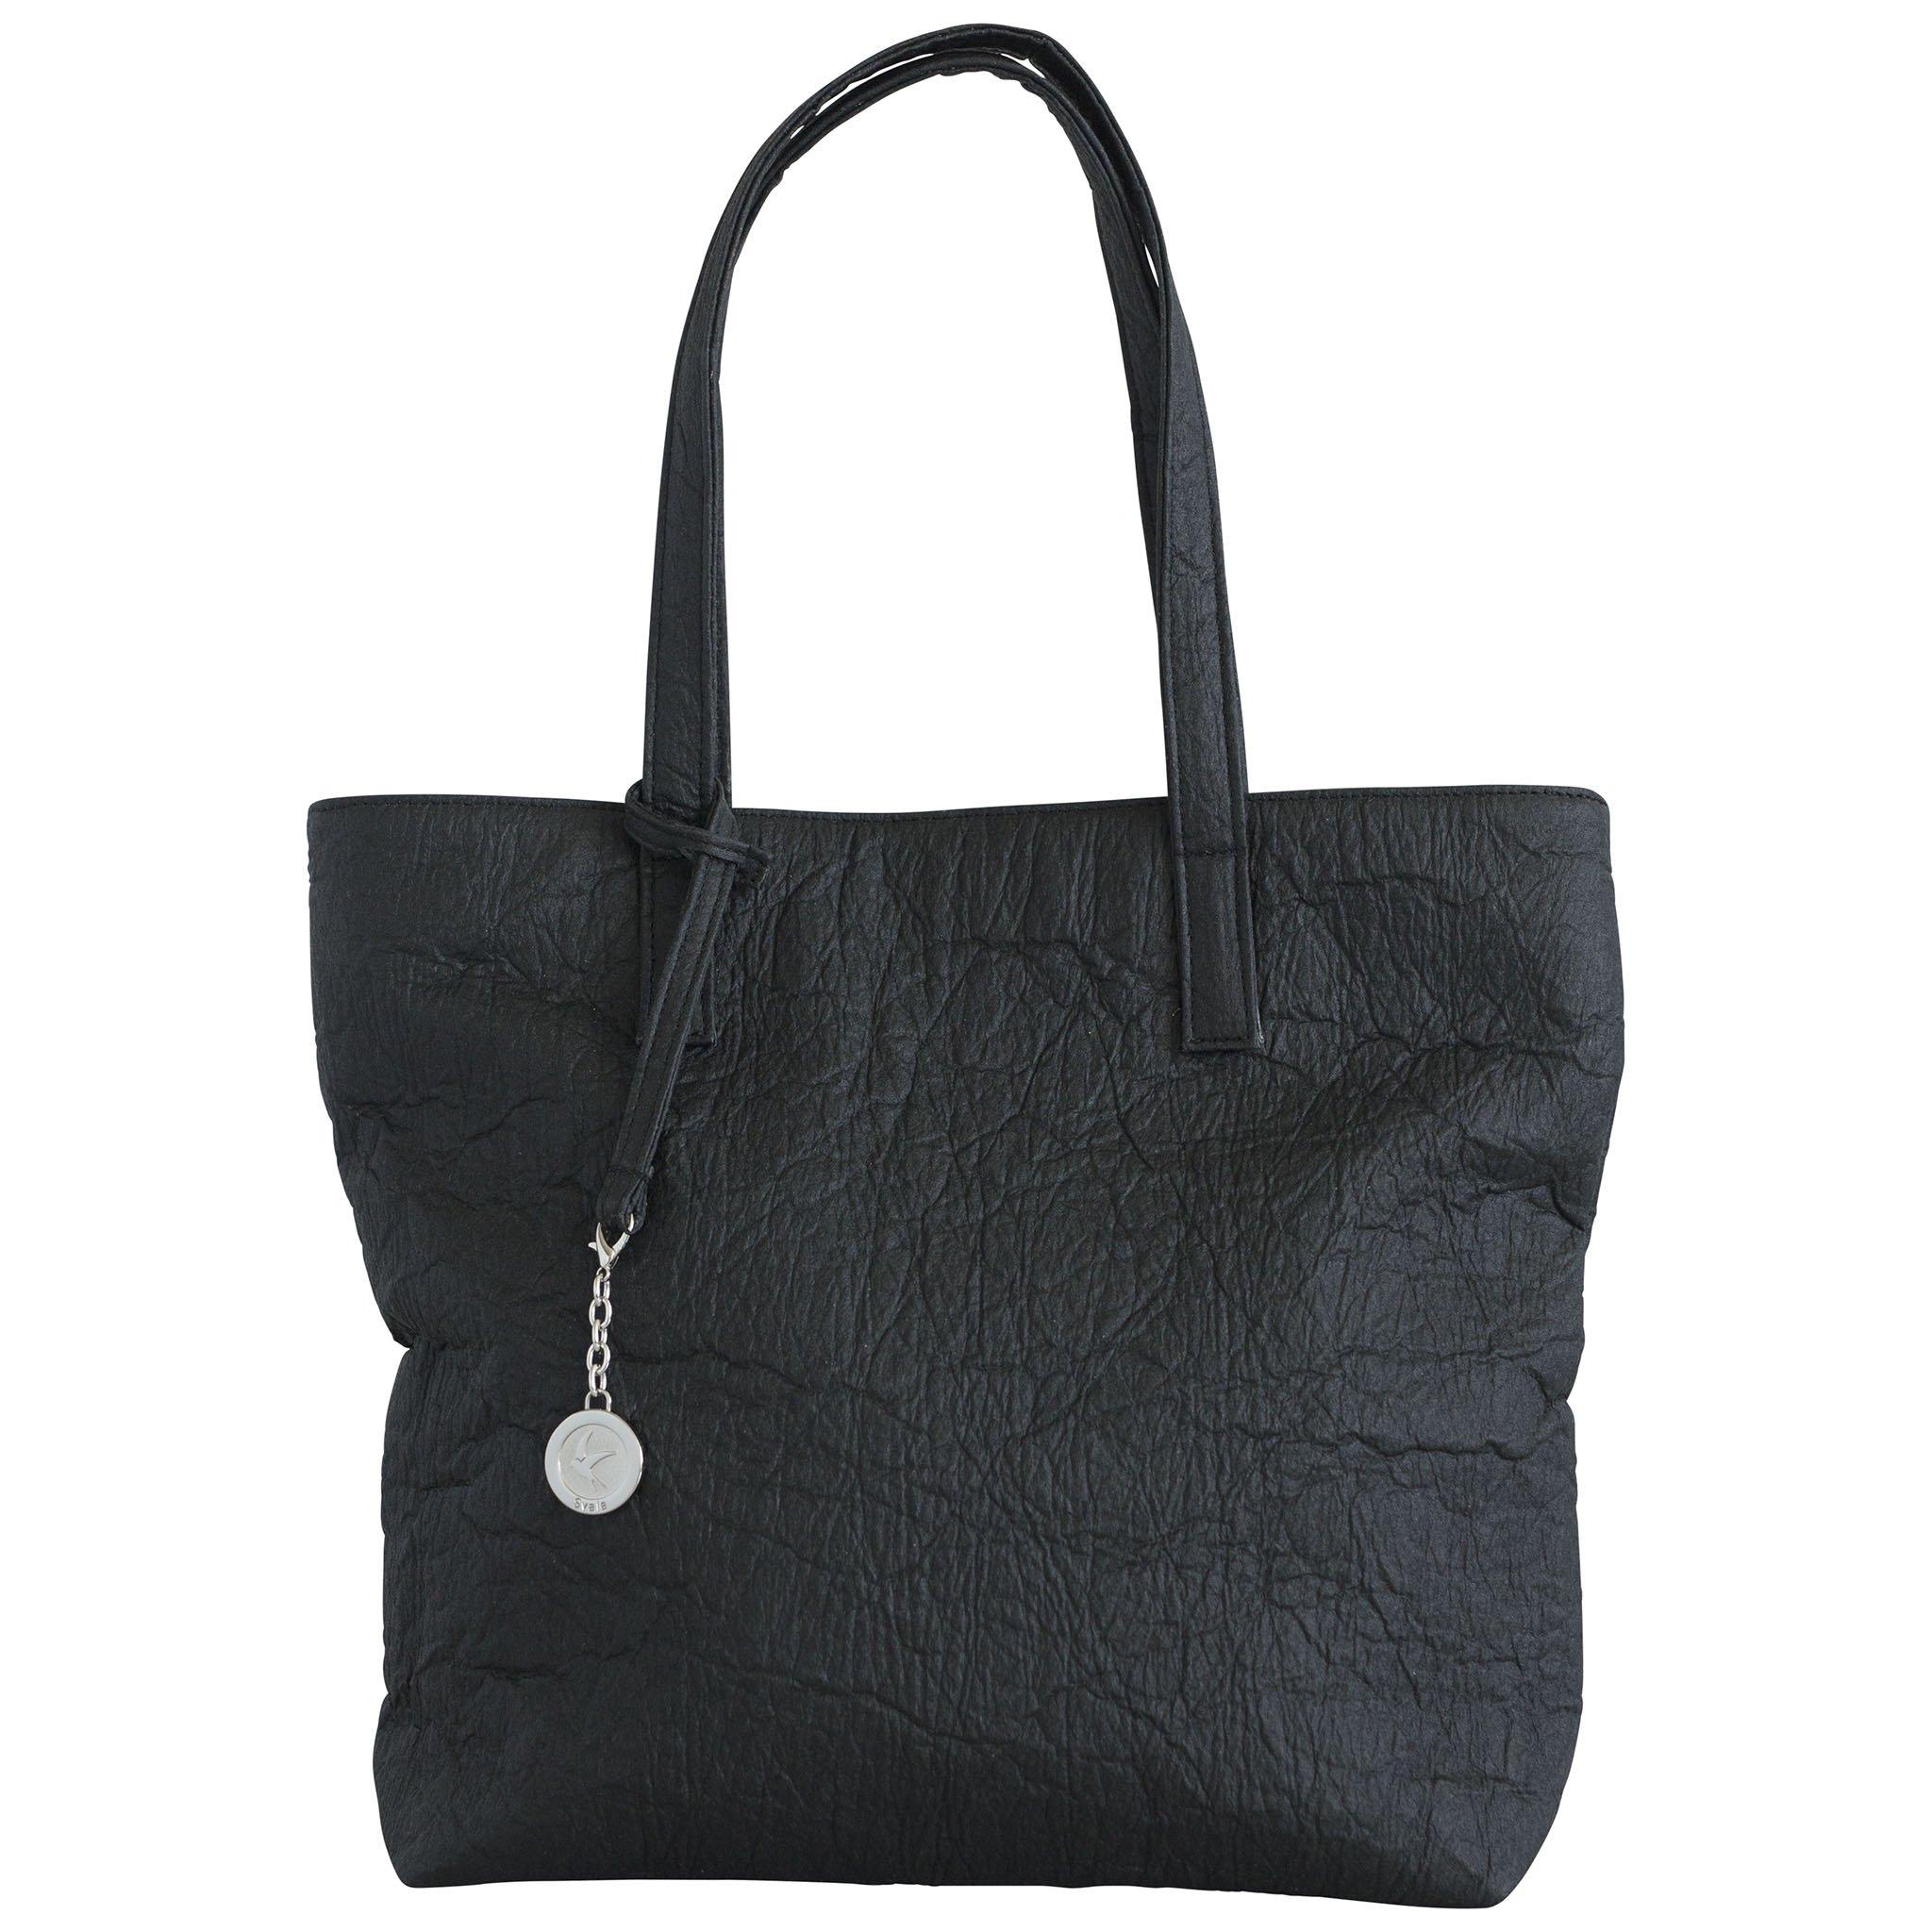 Simma Tote - Black Piñatex®  ,   Svala  $295